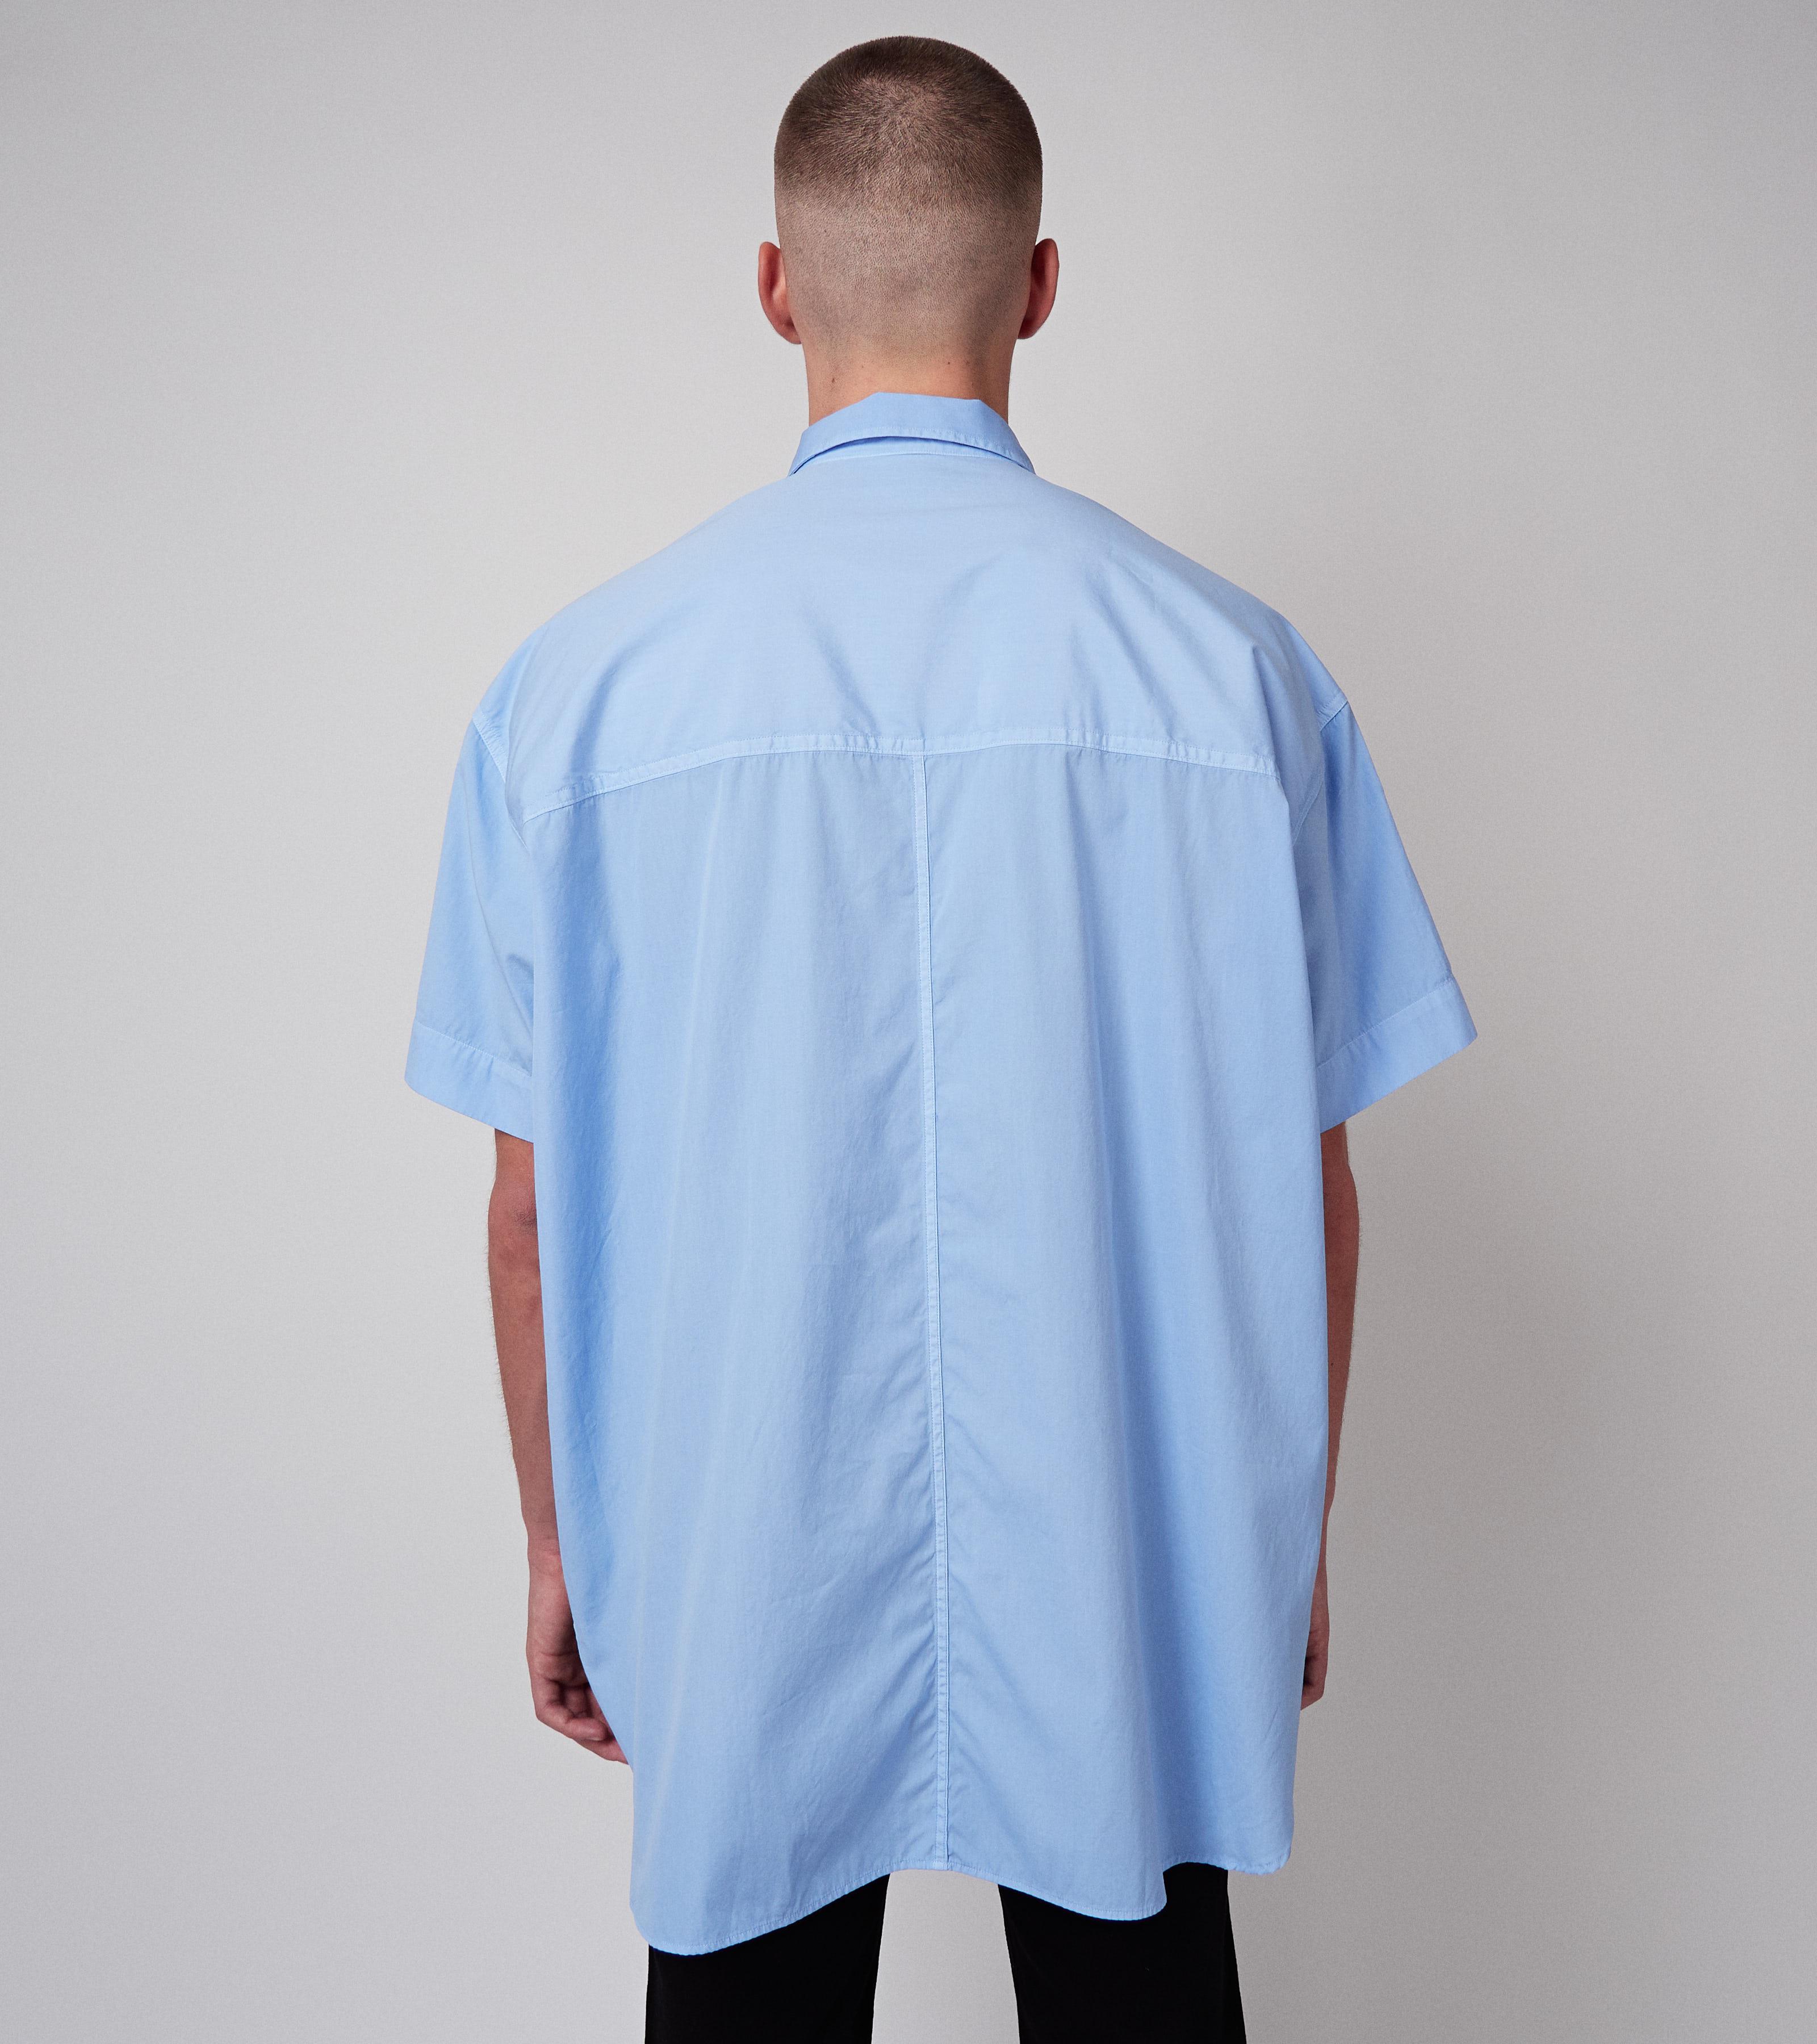 Sonny Shirt Dust Blue